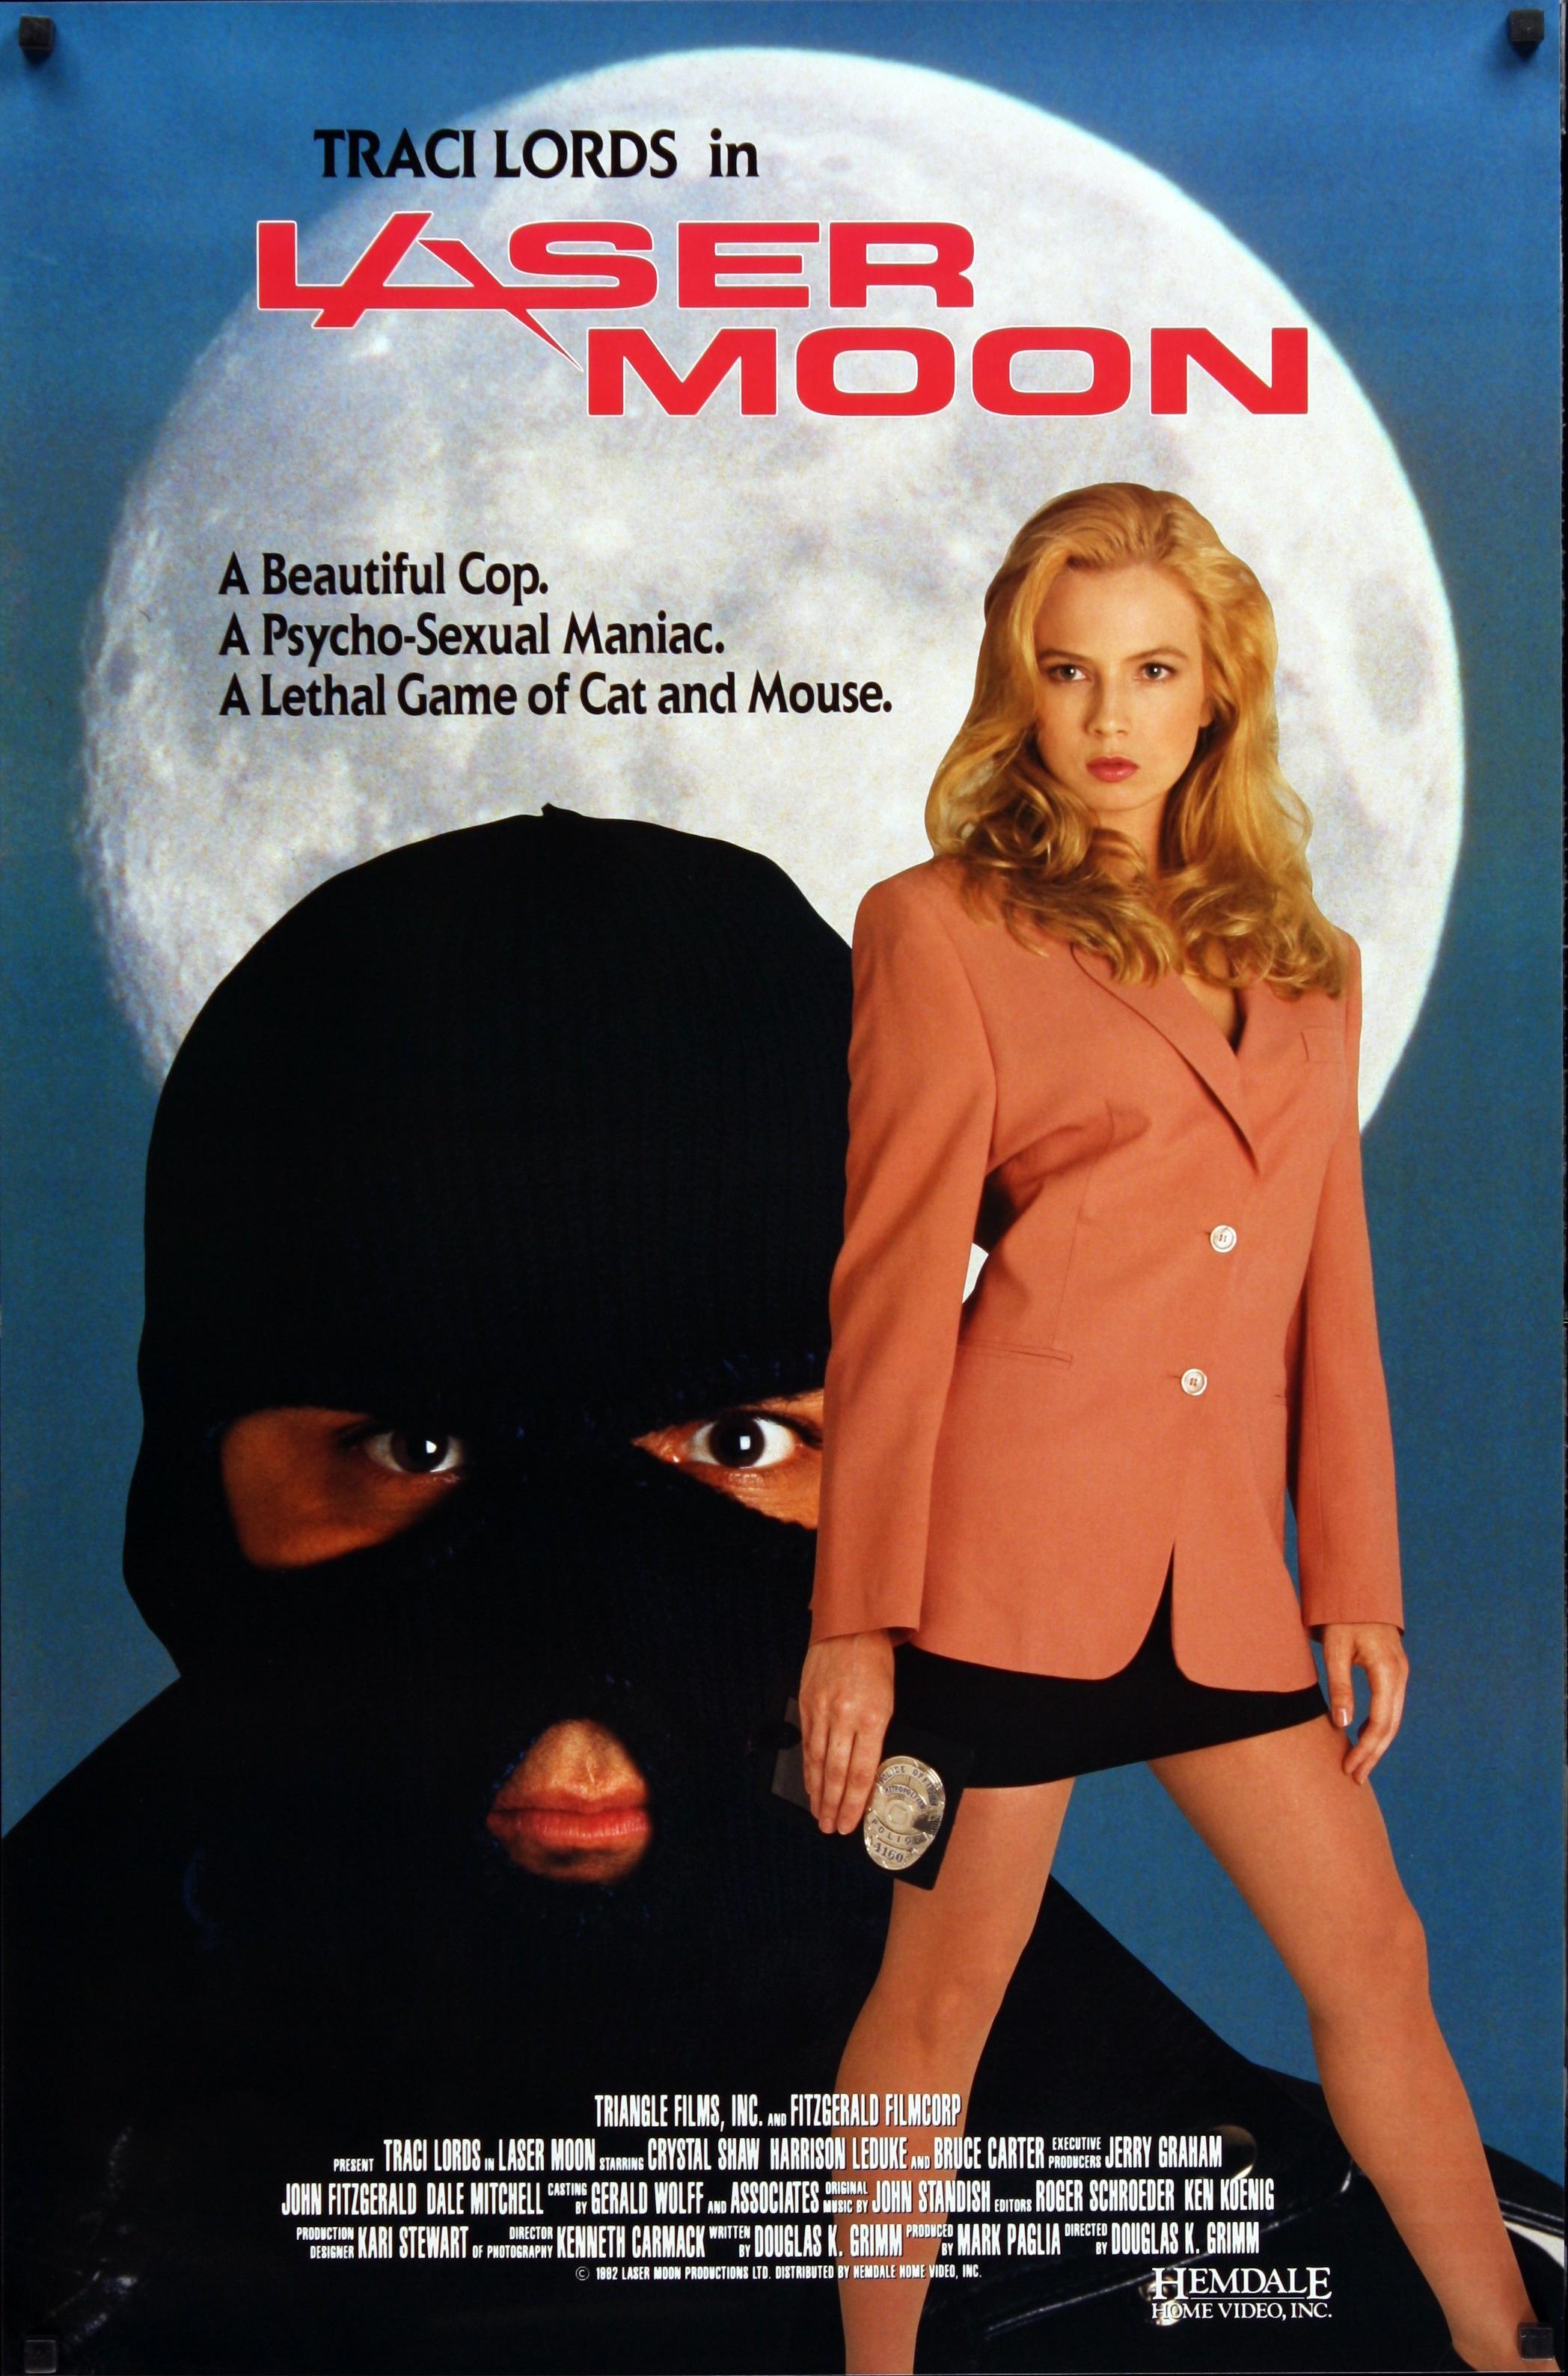 Русское порно зрелых женщин и дам (страница 2)